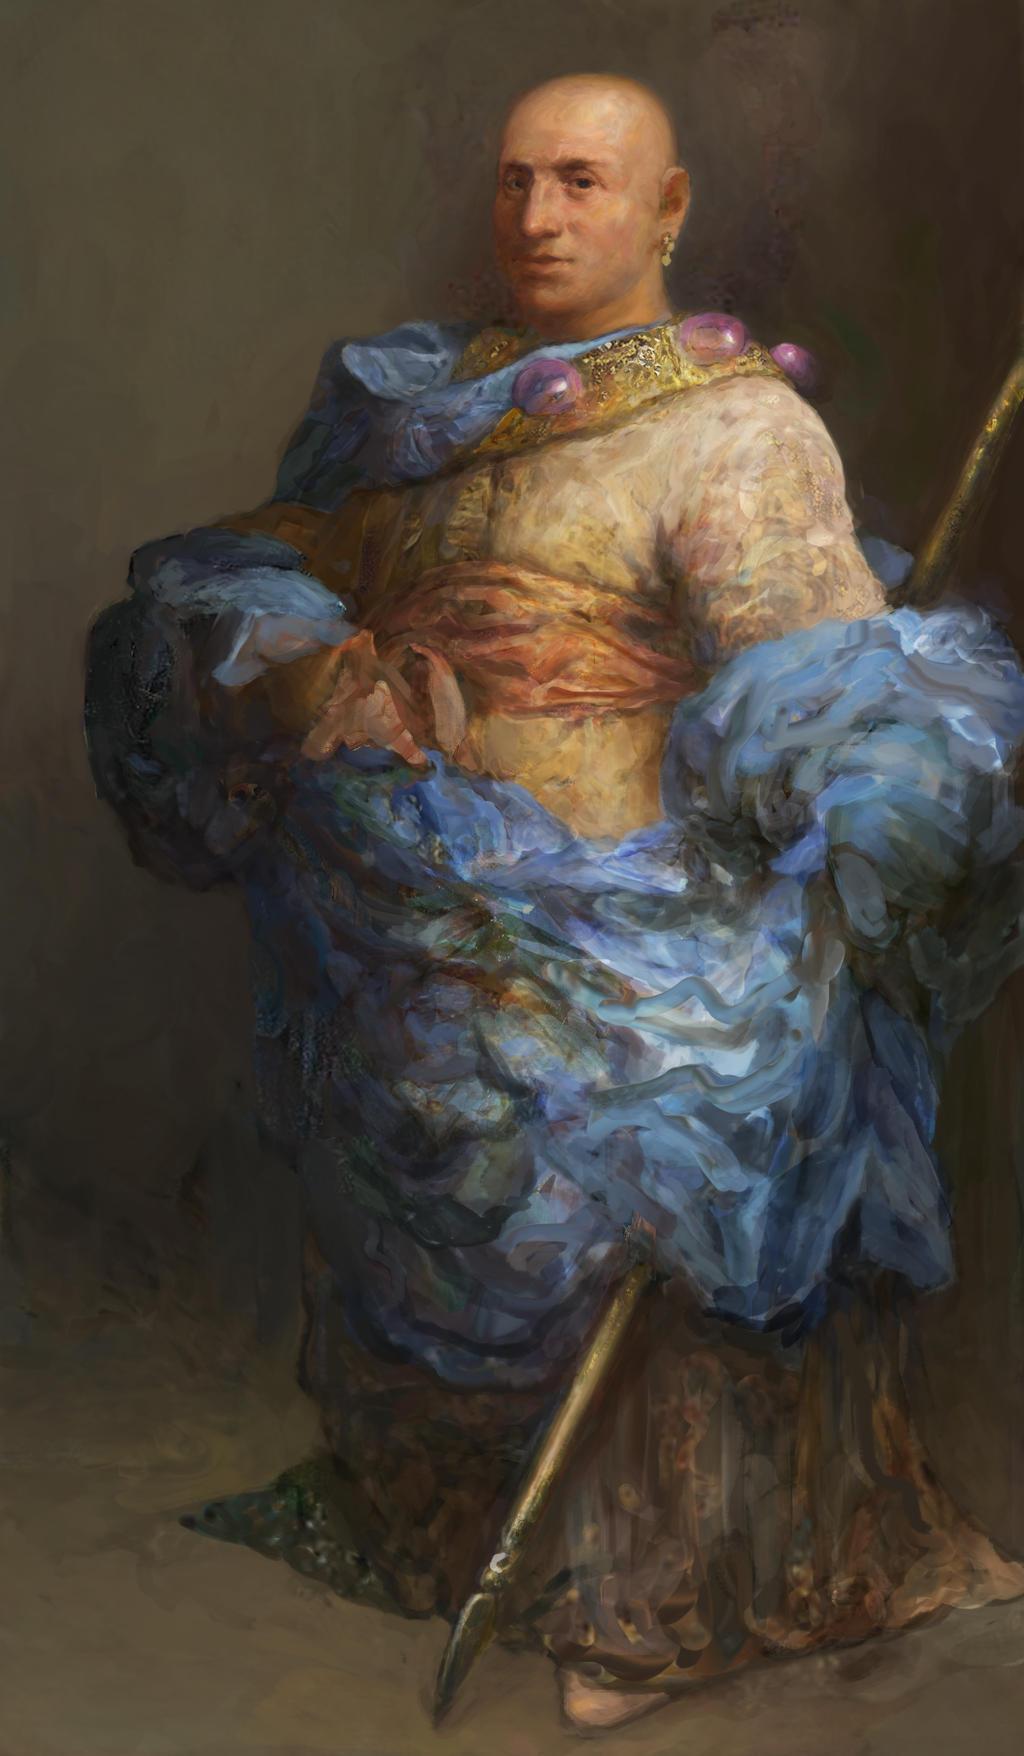 Morrowind: Trebonius Artorius 2